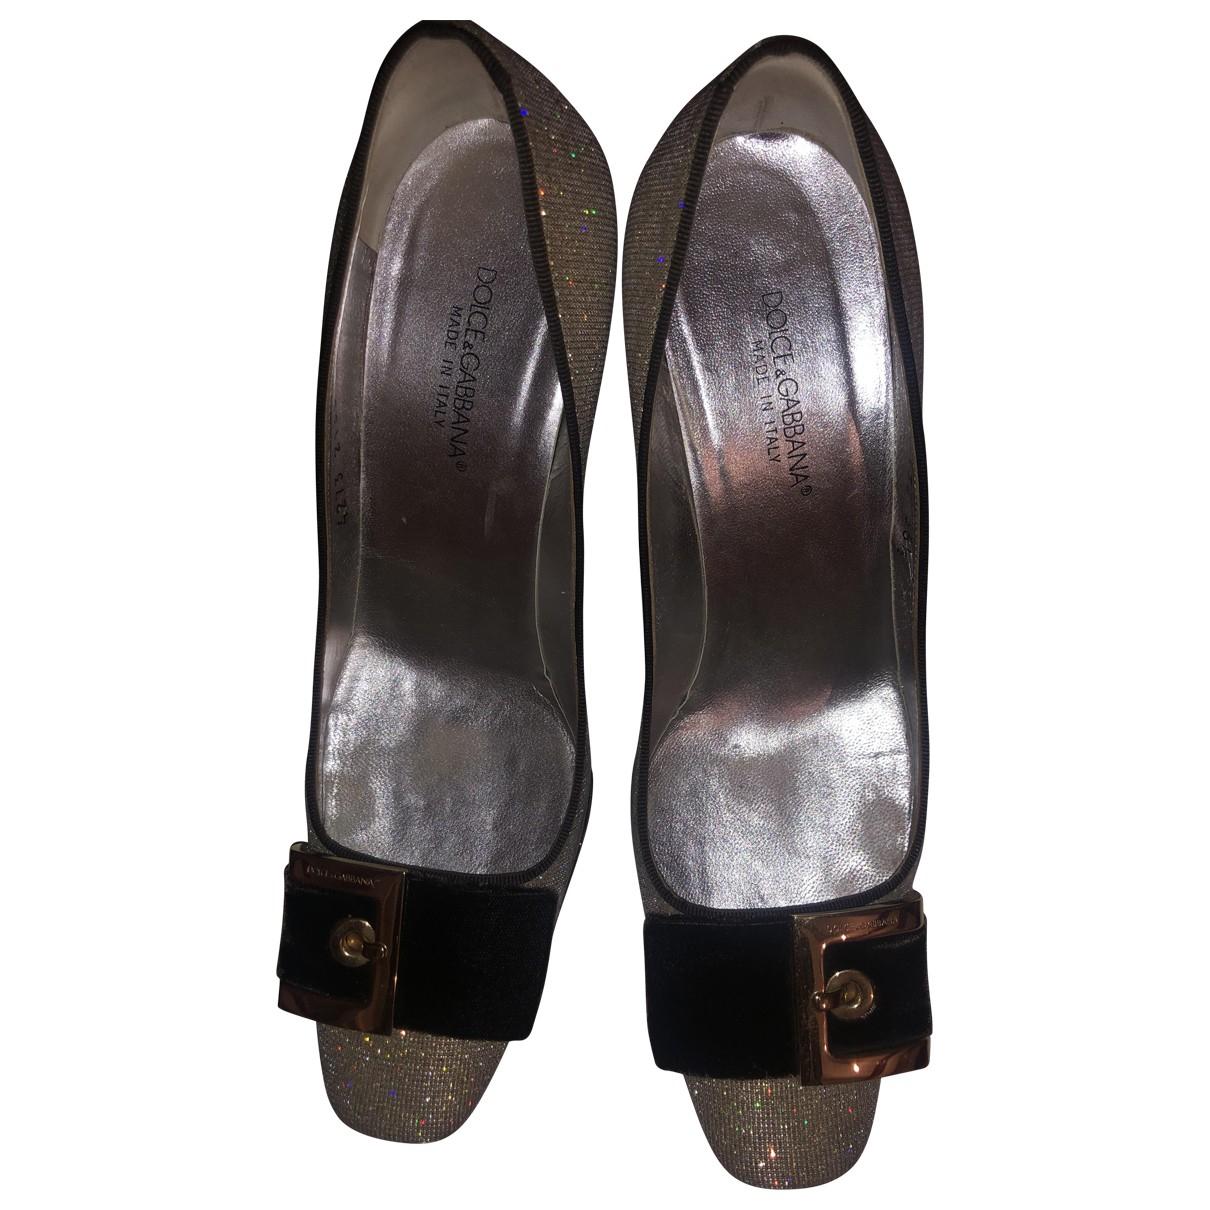 Dolce & Gabbana \N Pumps in  Silber Leinen